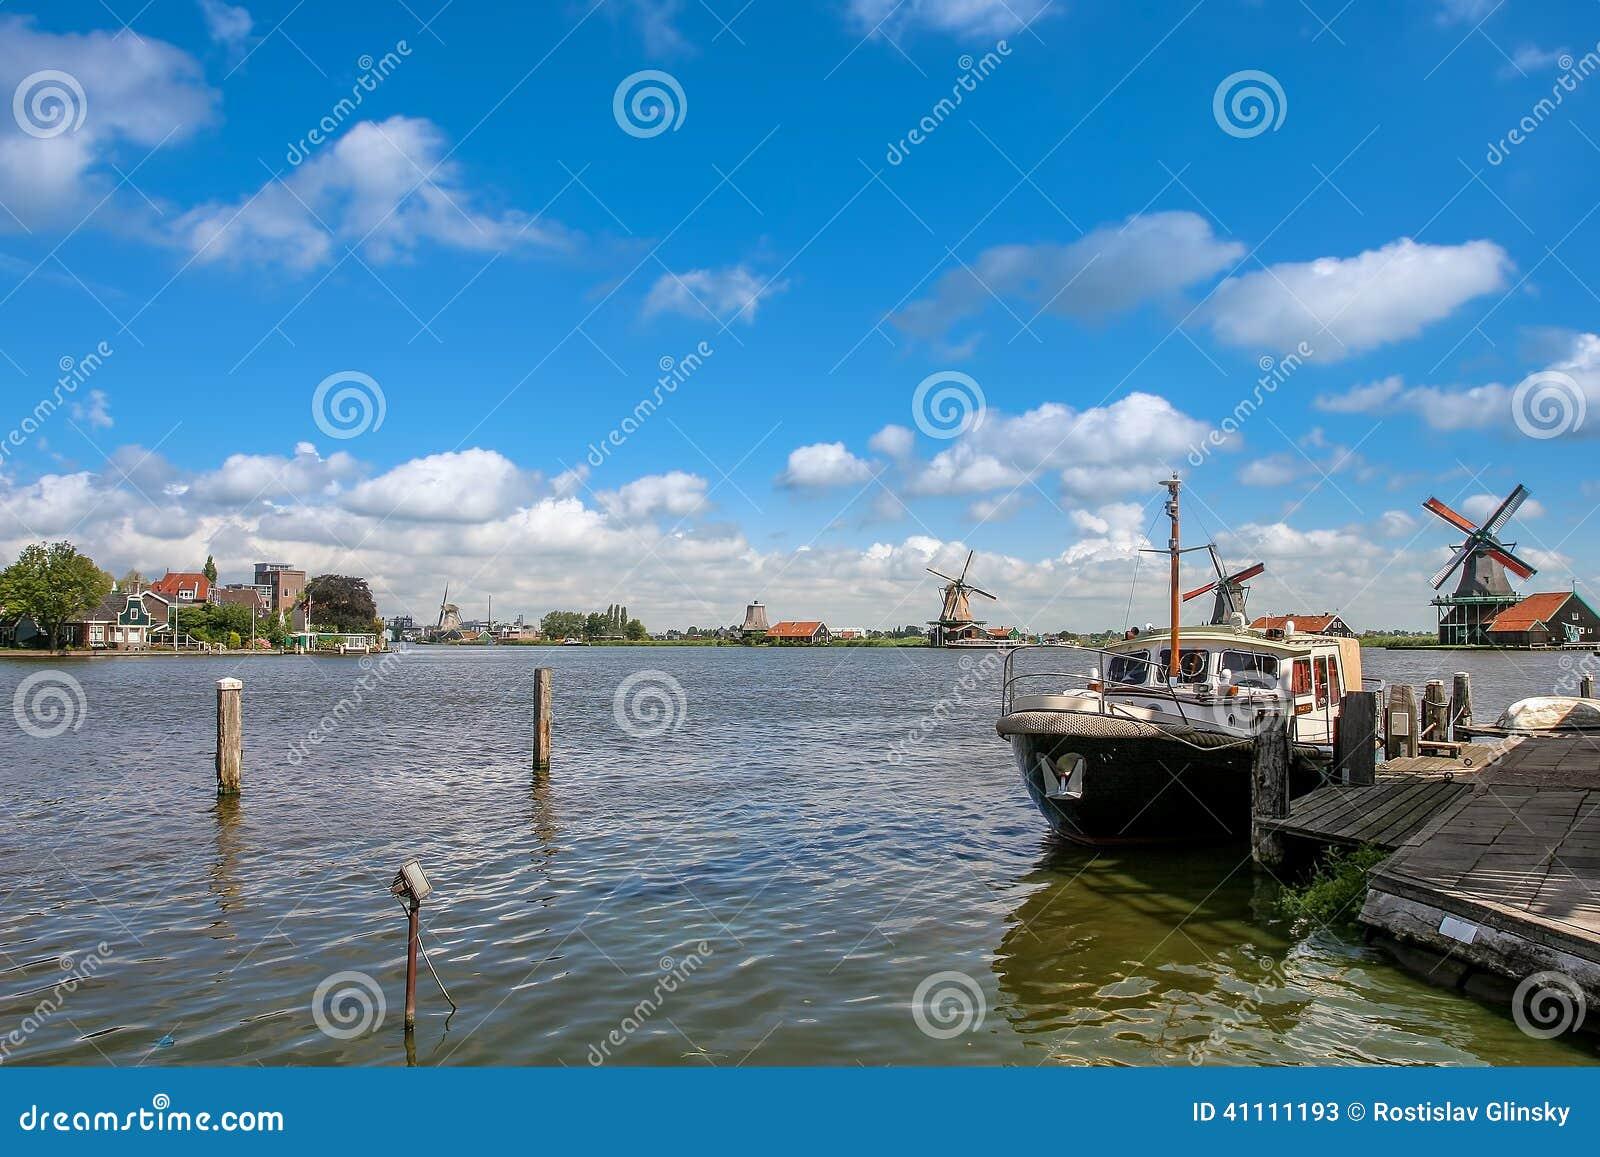 Шлюпка на реке в голландской деревне